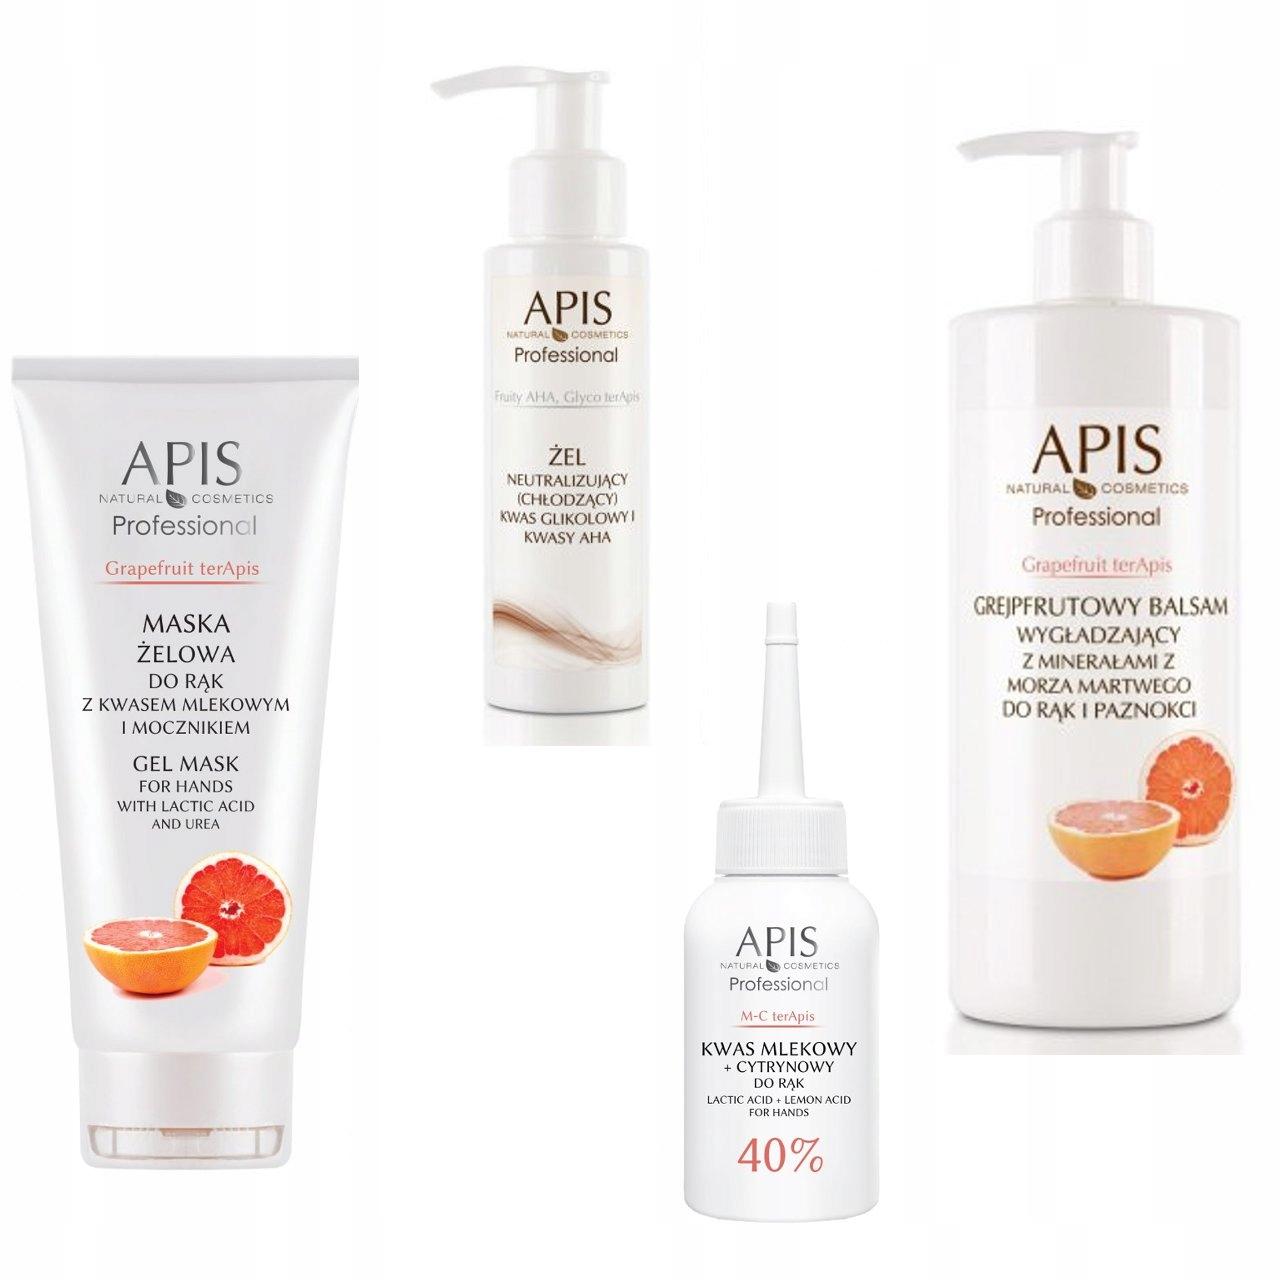 APIS Grapefruit Terapis Zabieg eksfolujący do rąk